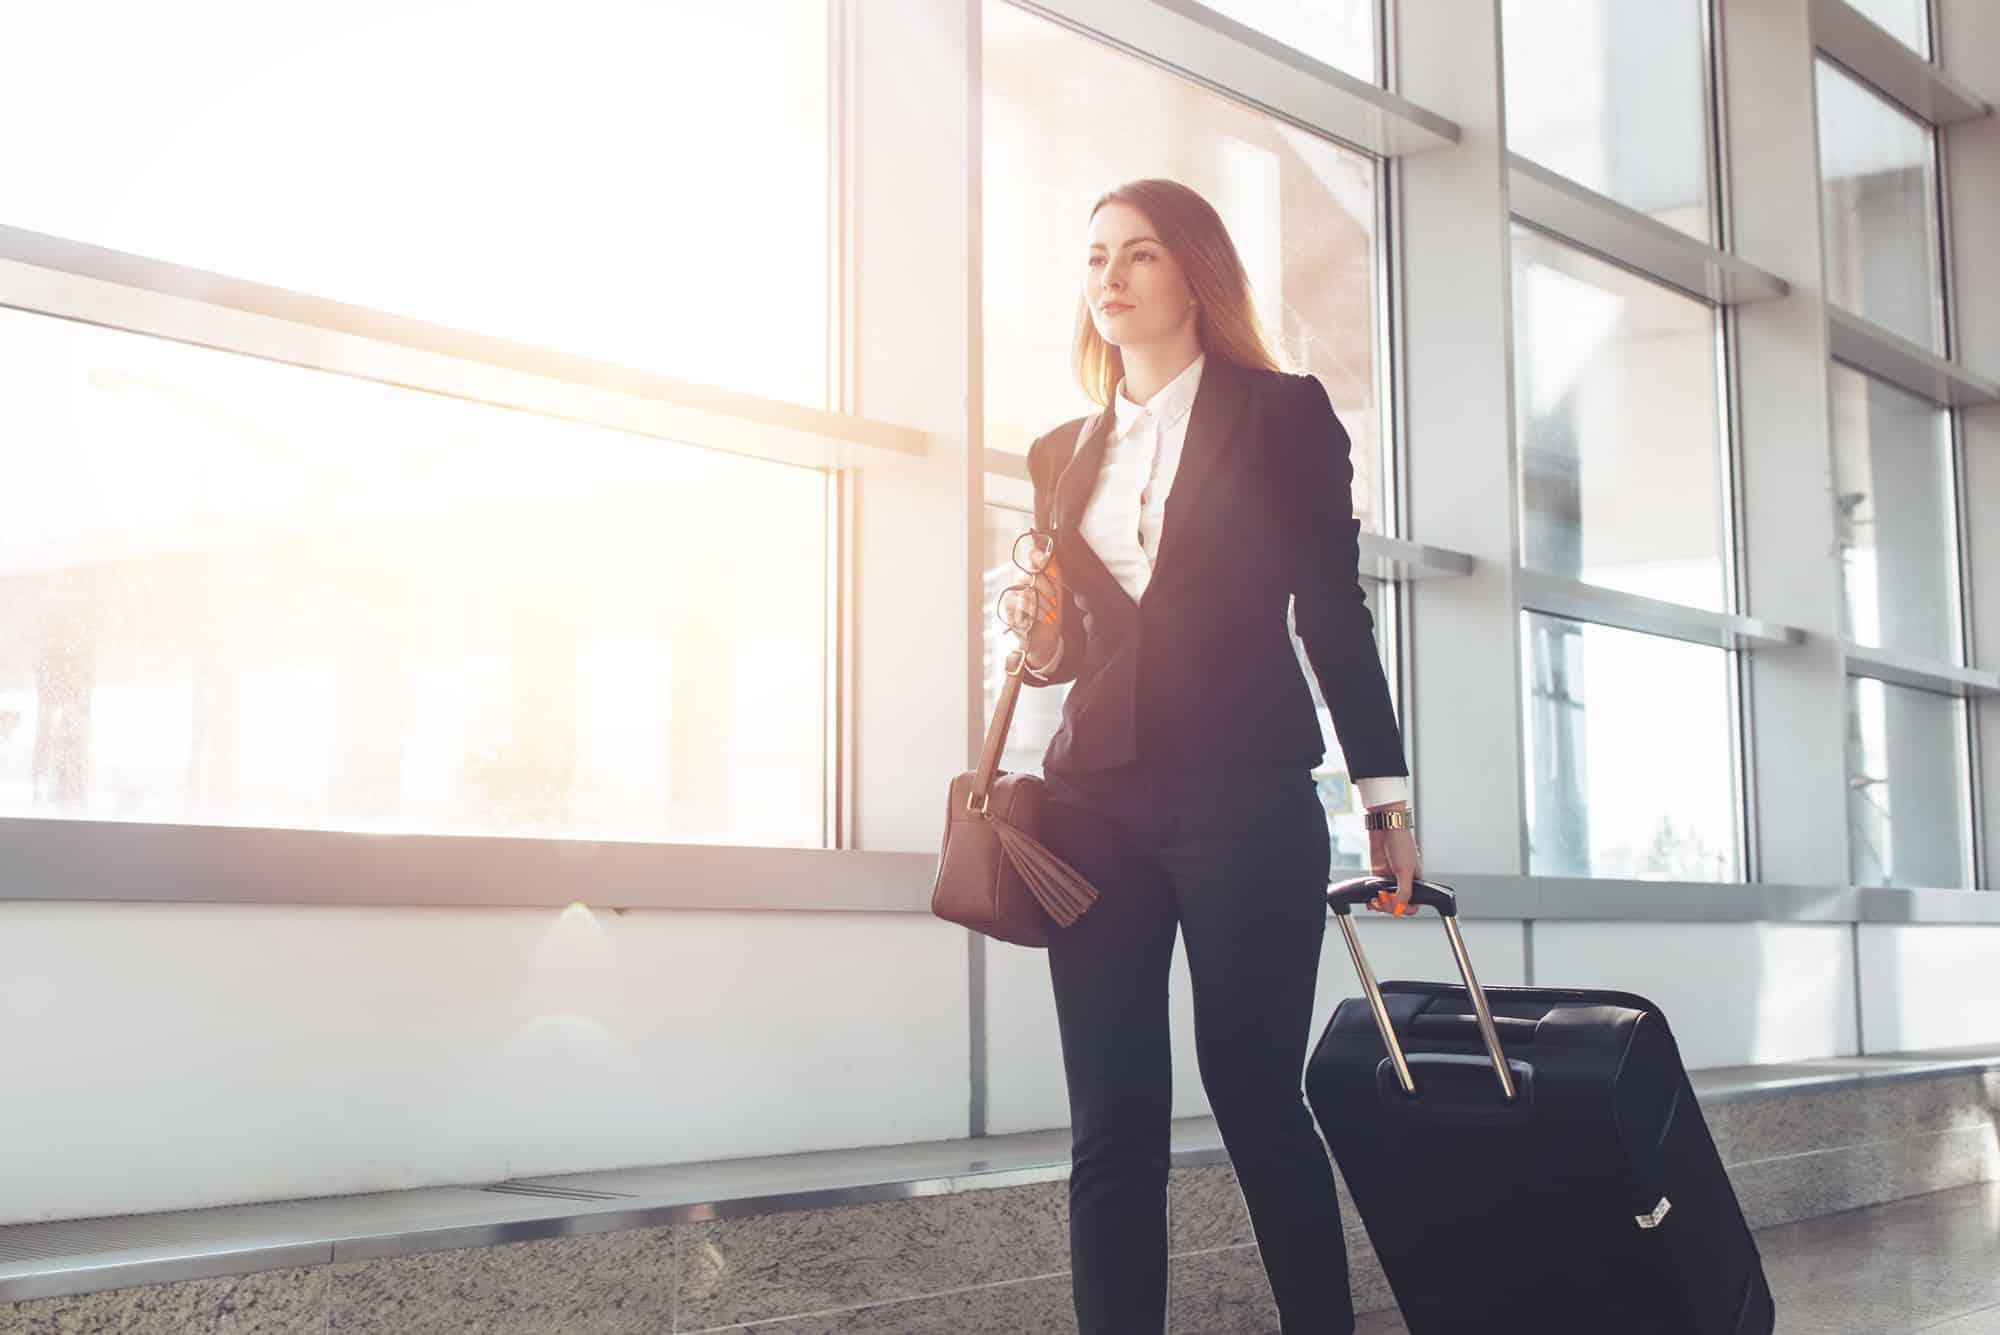 letvægtskuffert - kufferter der ikke vejer meget